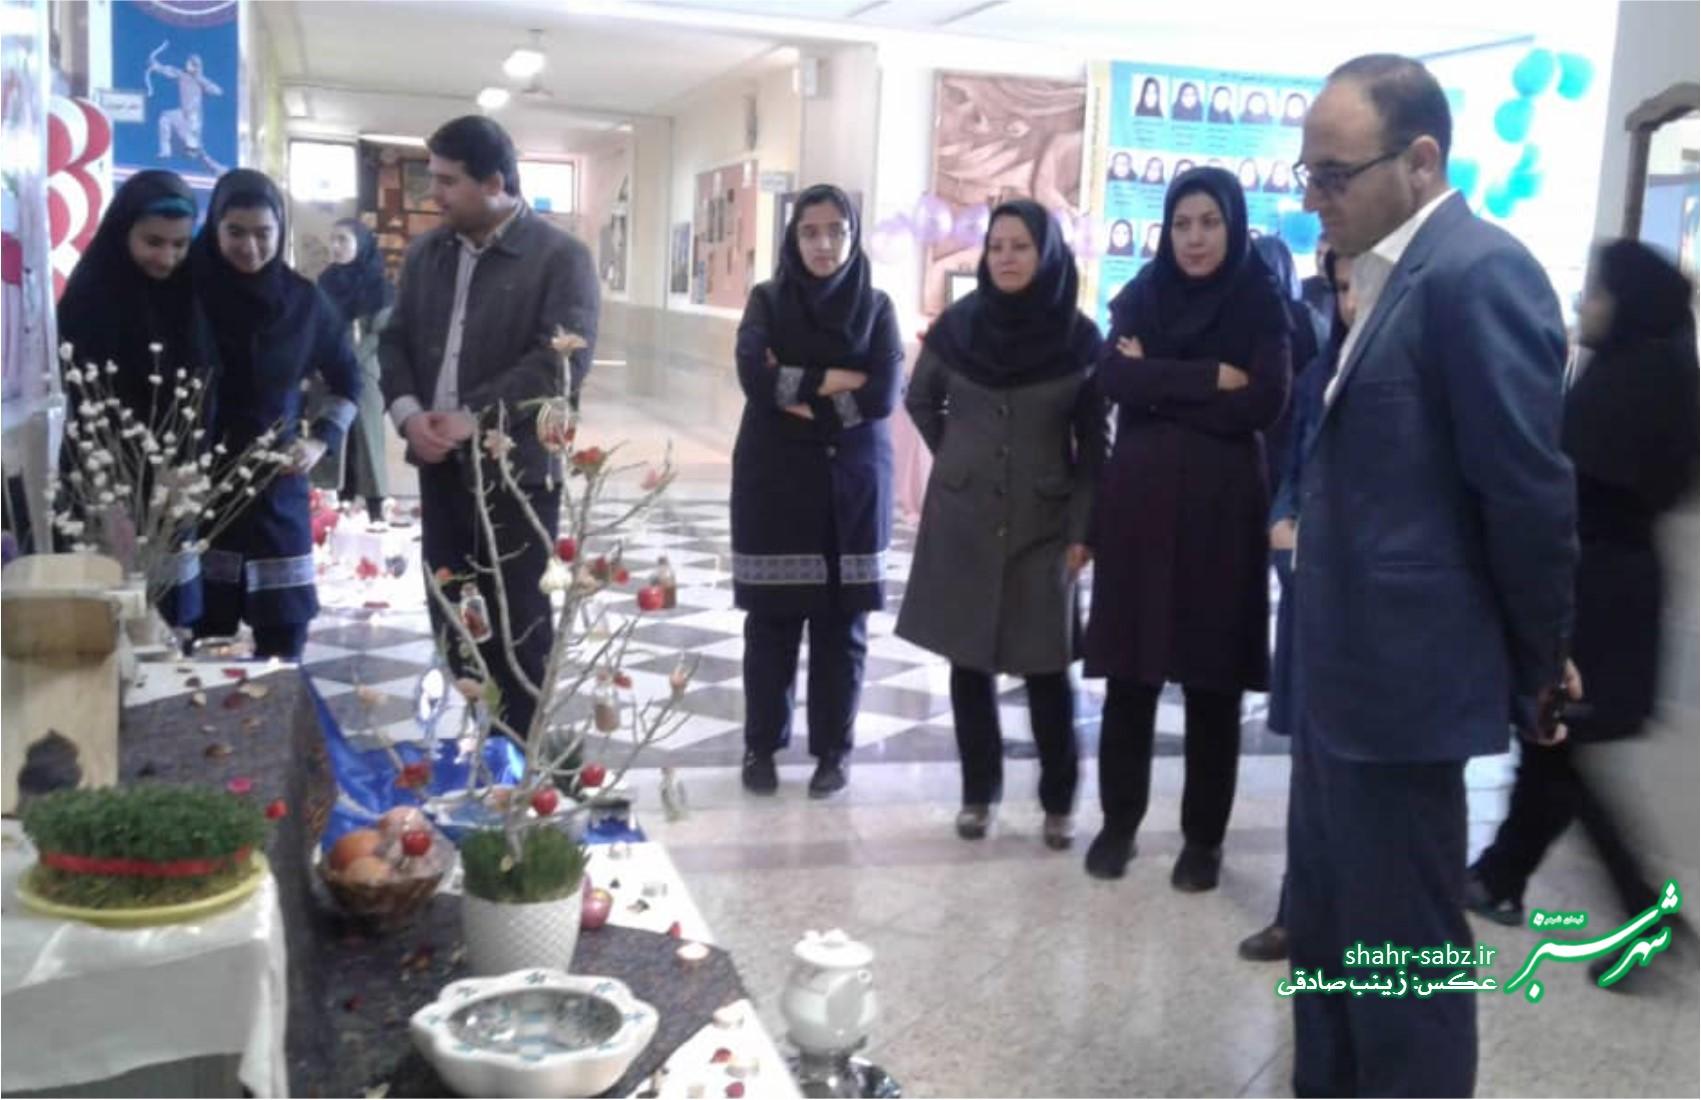 بازار هنری دانش آموزان هنرستان فاطمه زهرا کازرون به مناسبت عید نوروز/ عکس: زینب صادقی